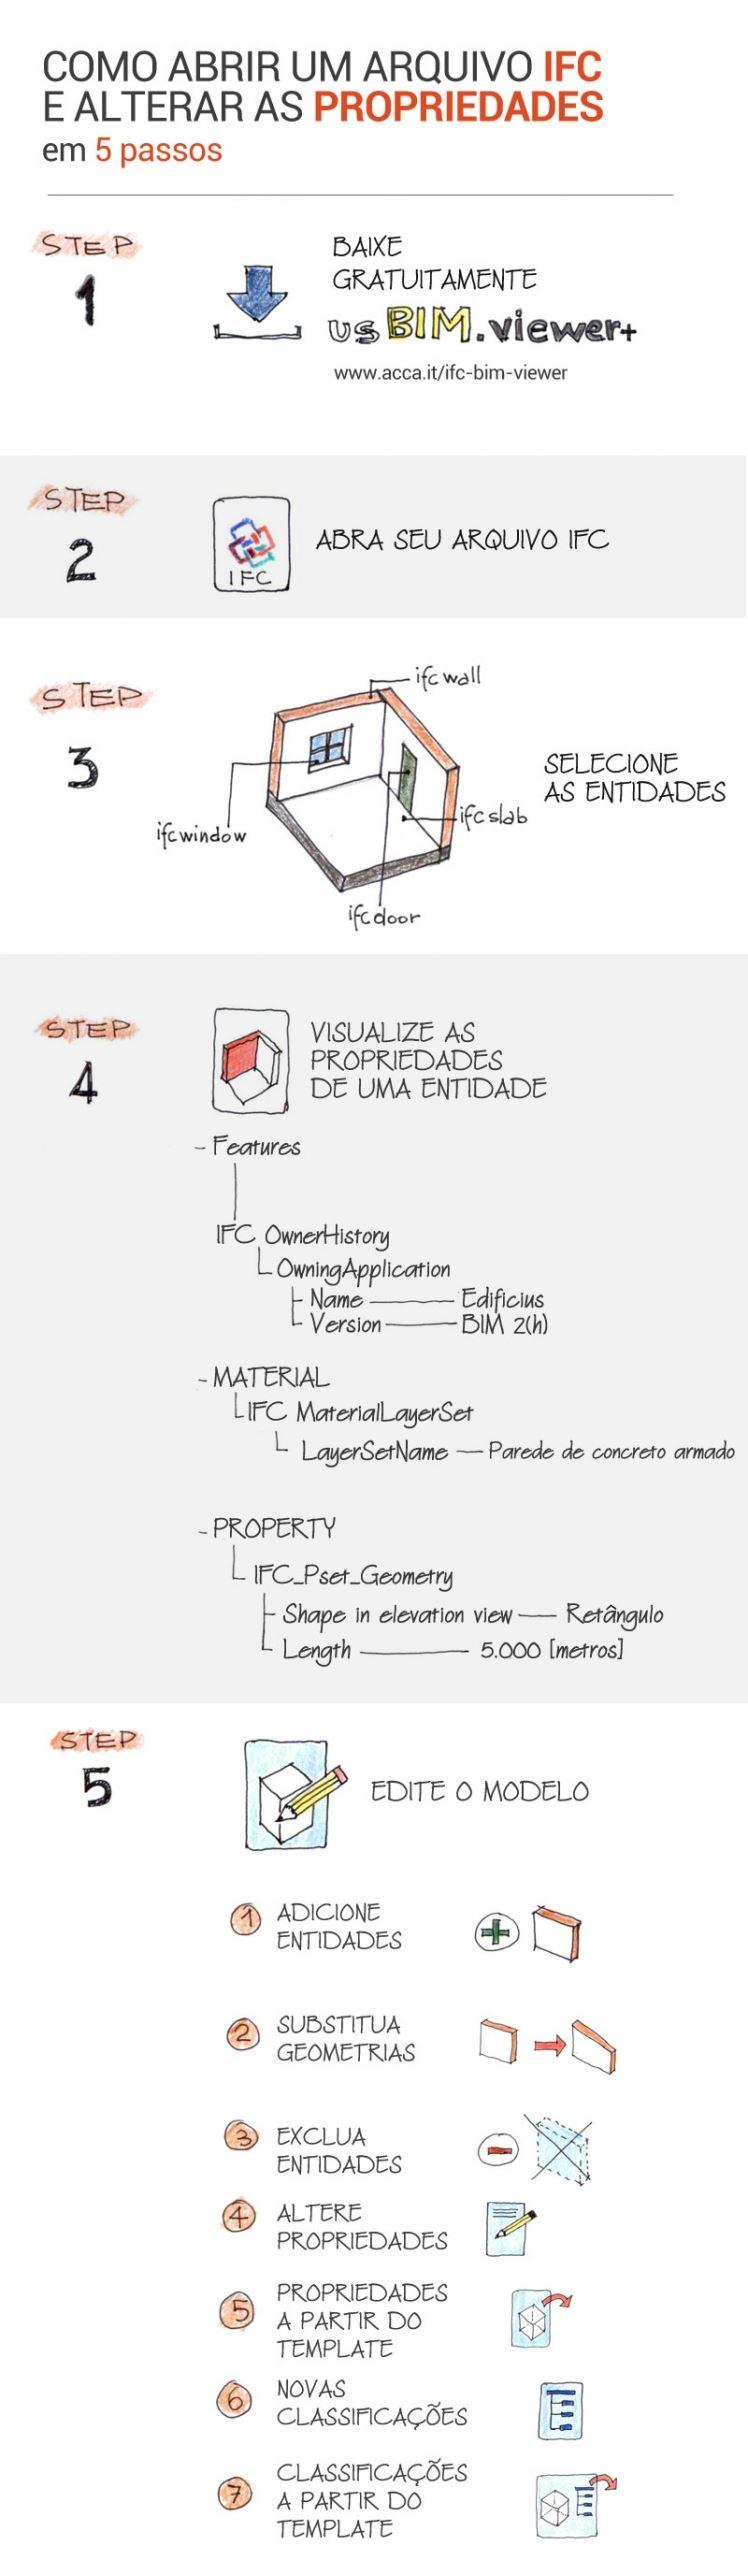 O infografico mostra os passos necessarios para abrir um arquivo ifc e alterar suas propriedades